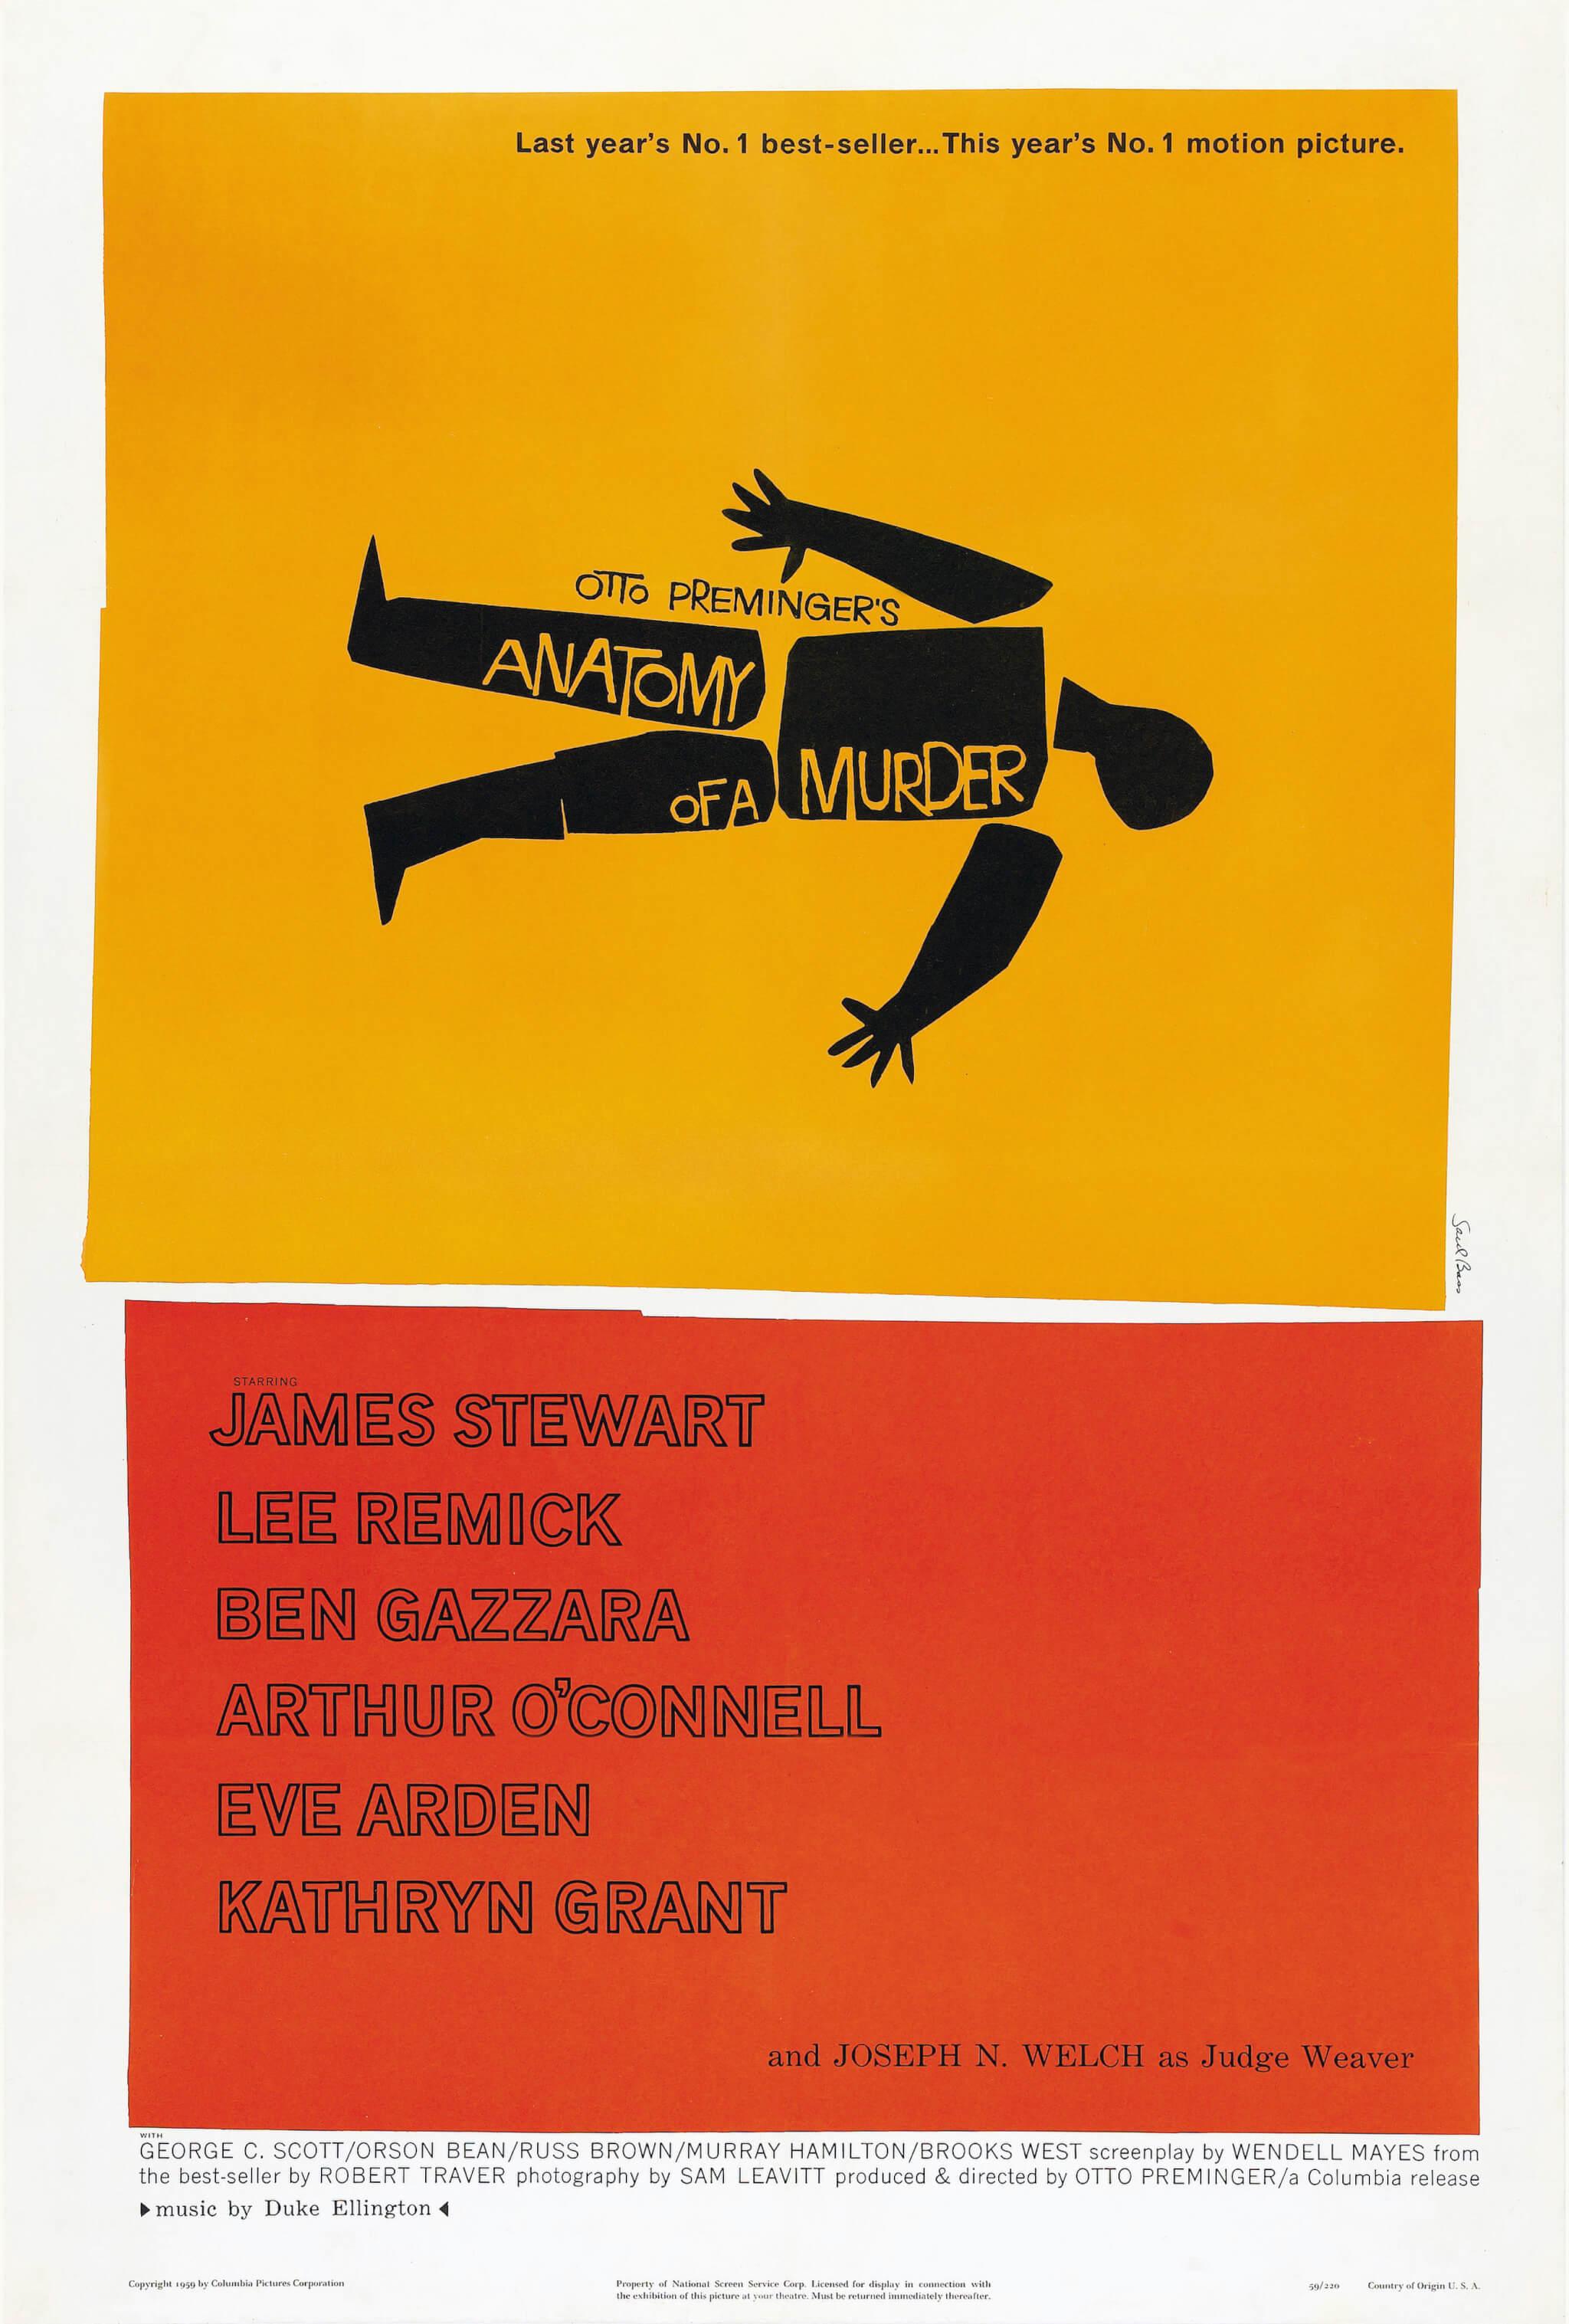 poster de Anatomy of a Murder dentro de nuestra selección de los posters de películas artísticos